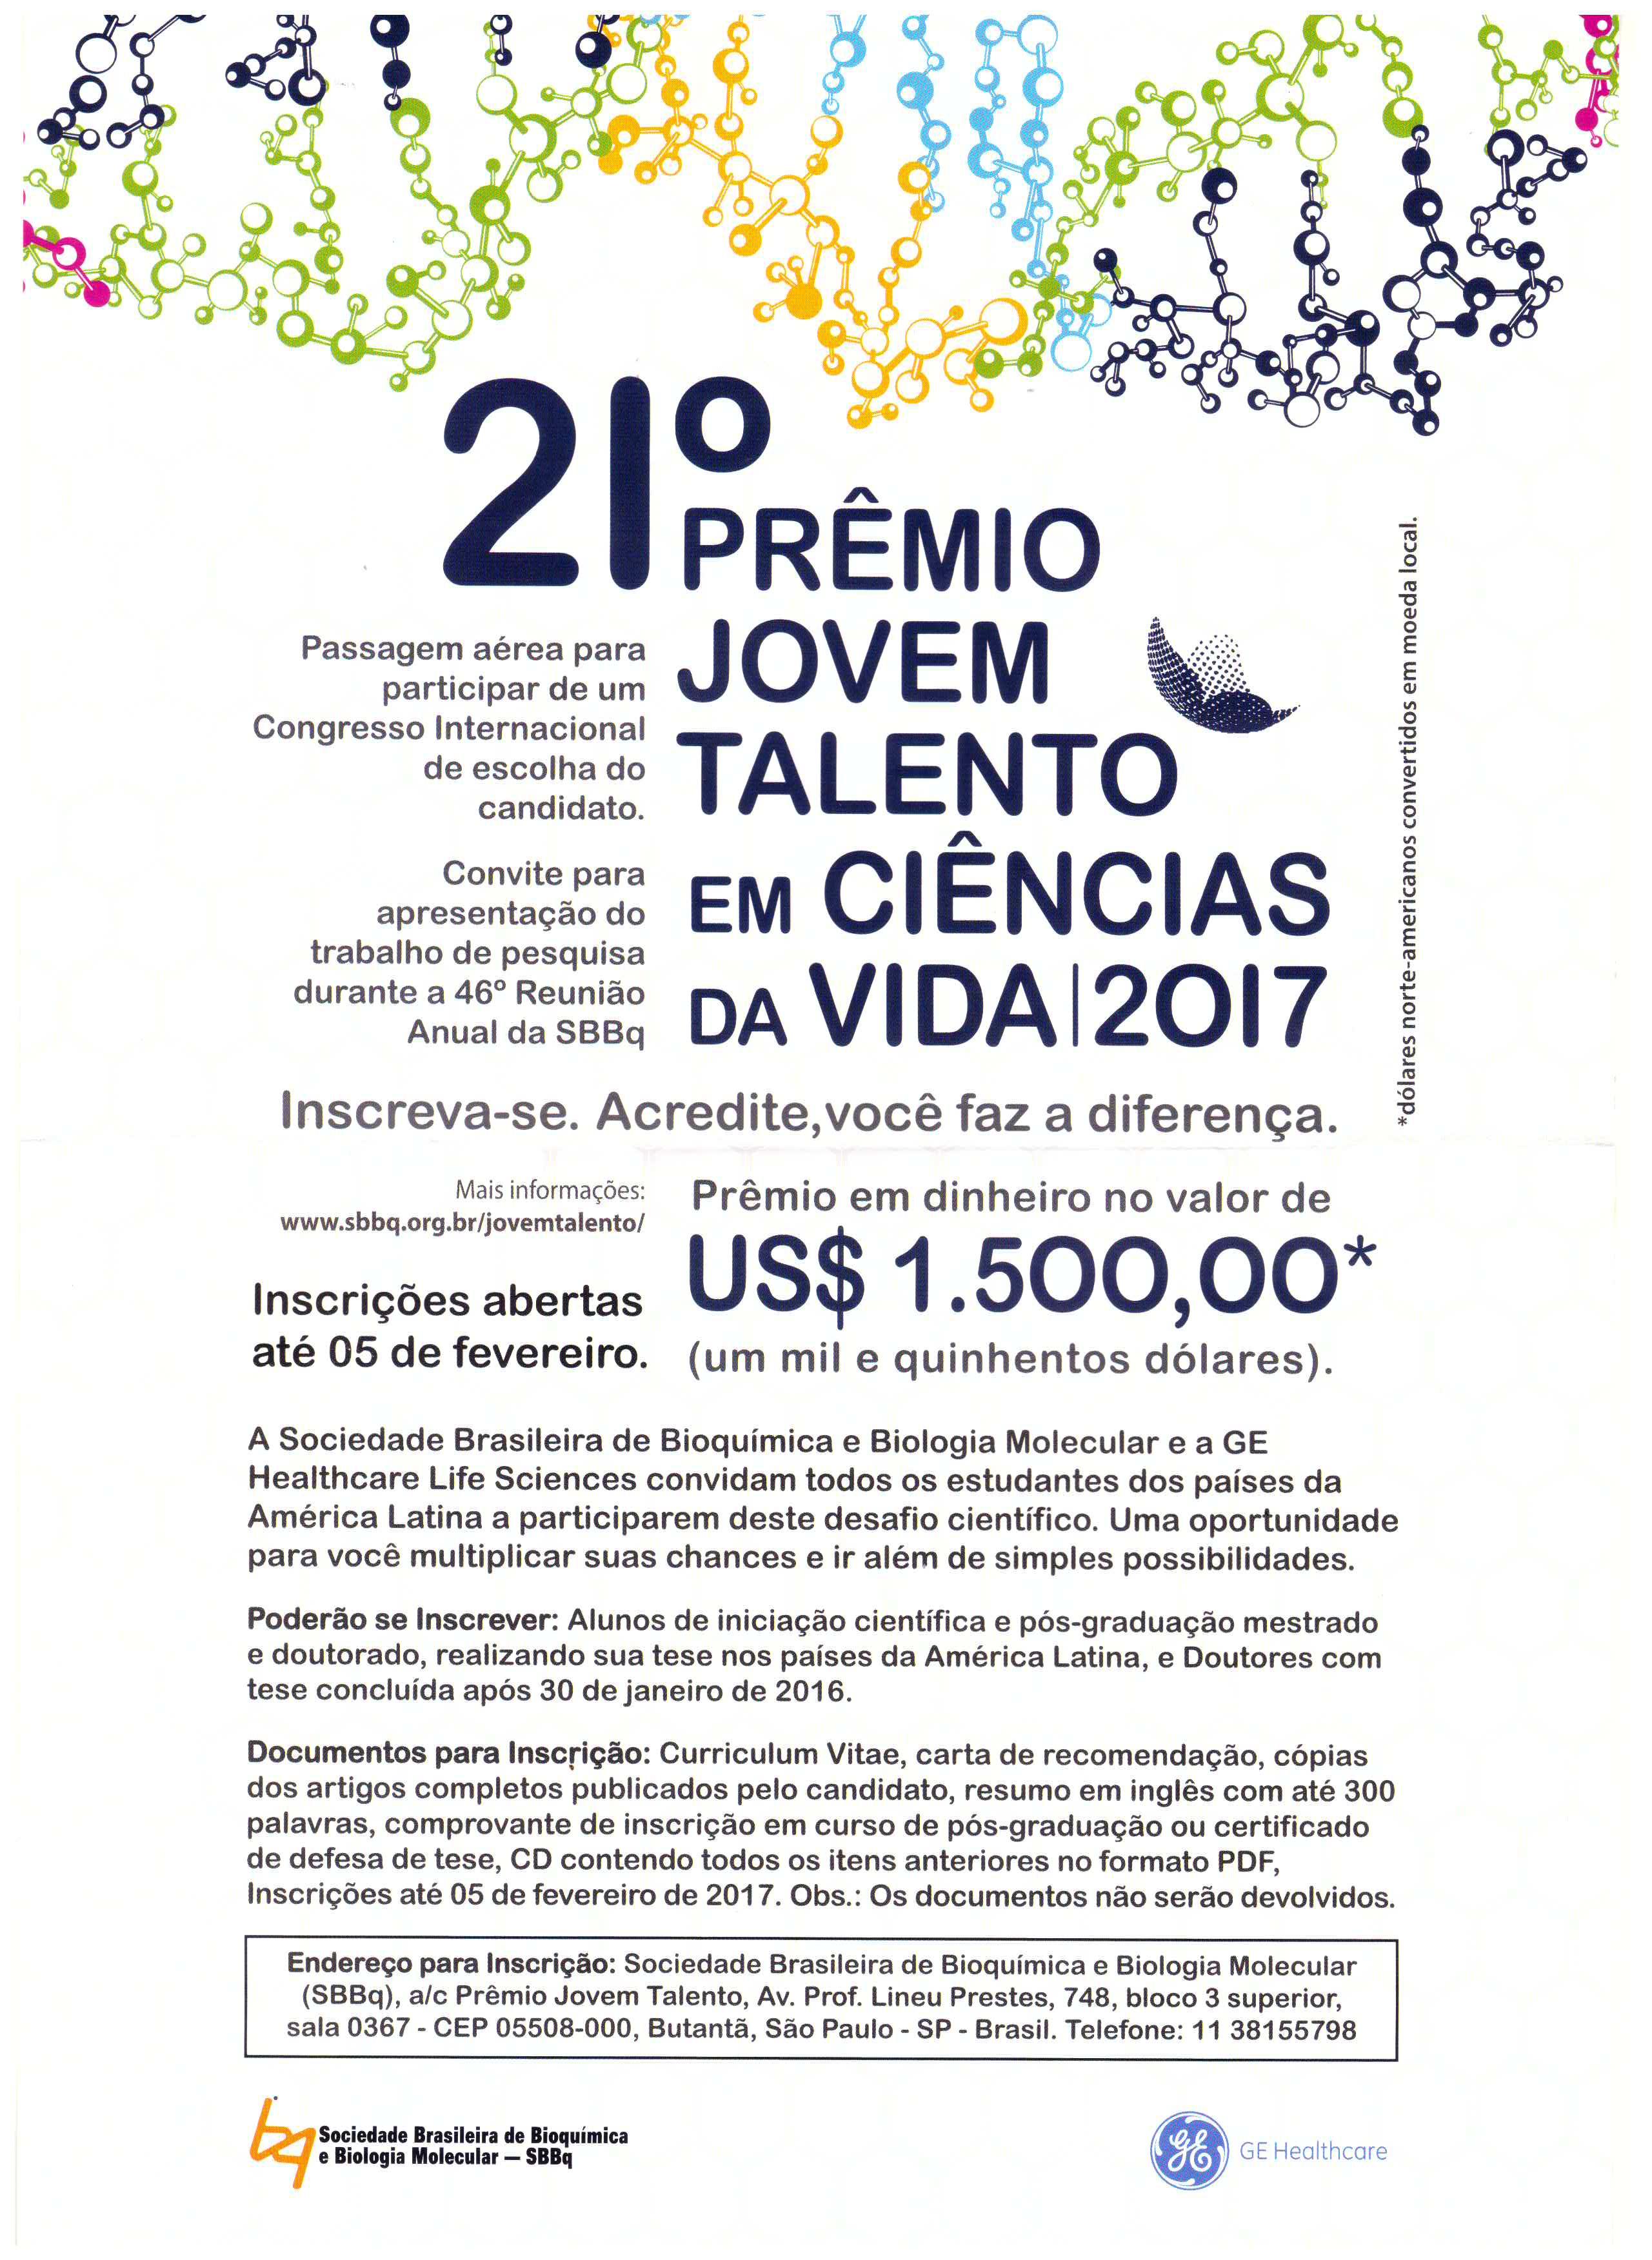 Divulgao Prmio Jovem Talentos em Cincias da Vida 2017